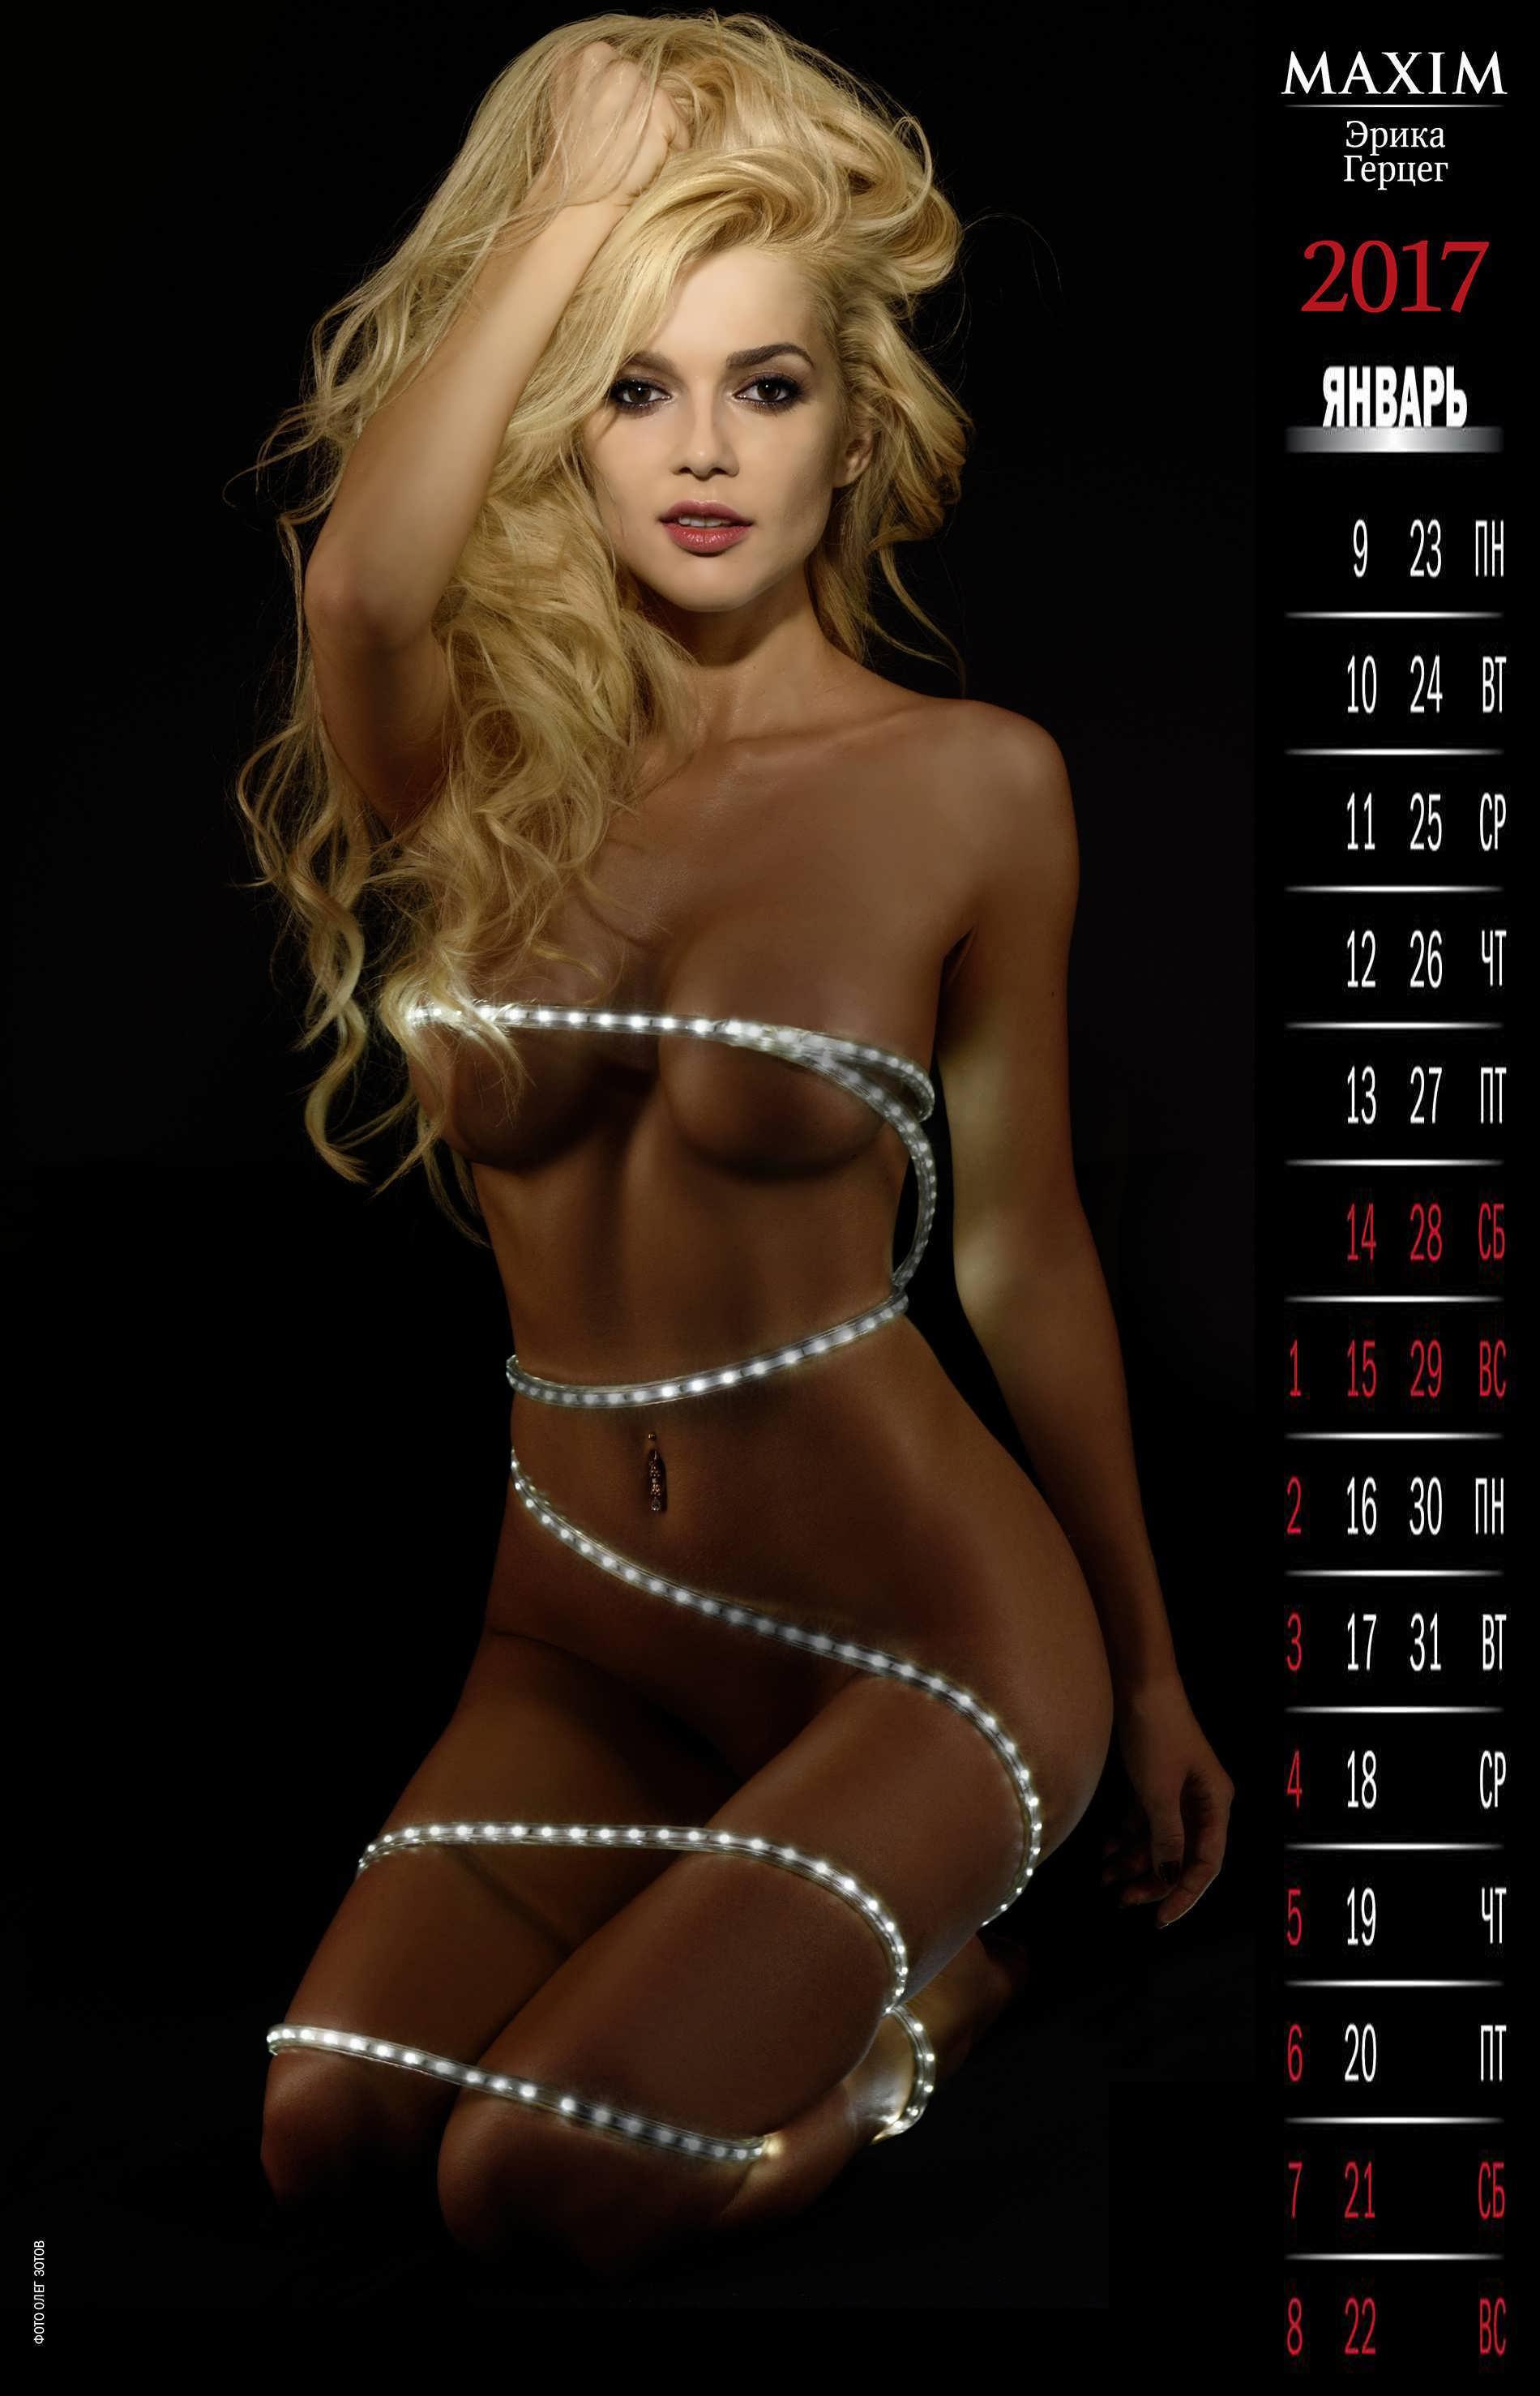 Фото порно календари бесплатно фото 238-490